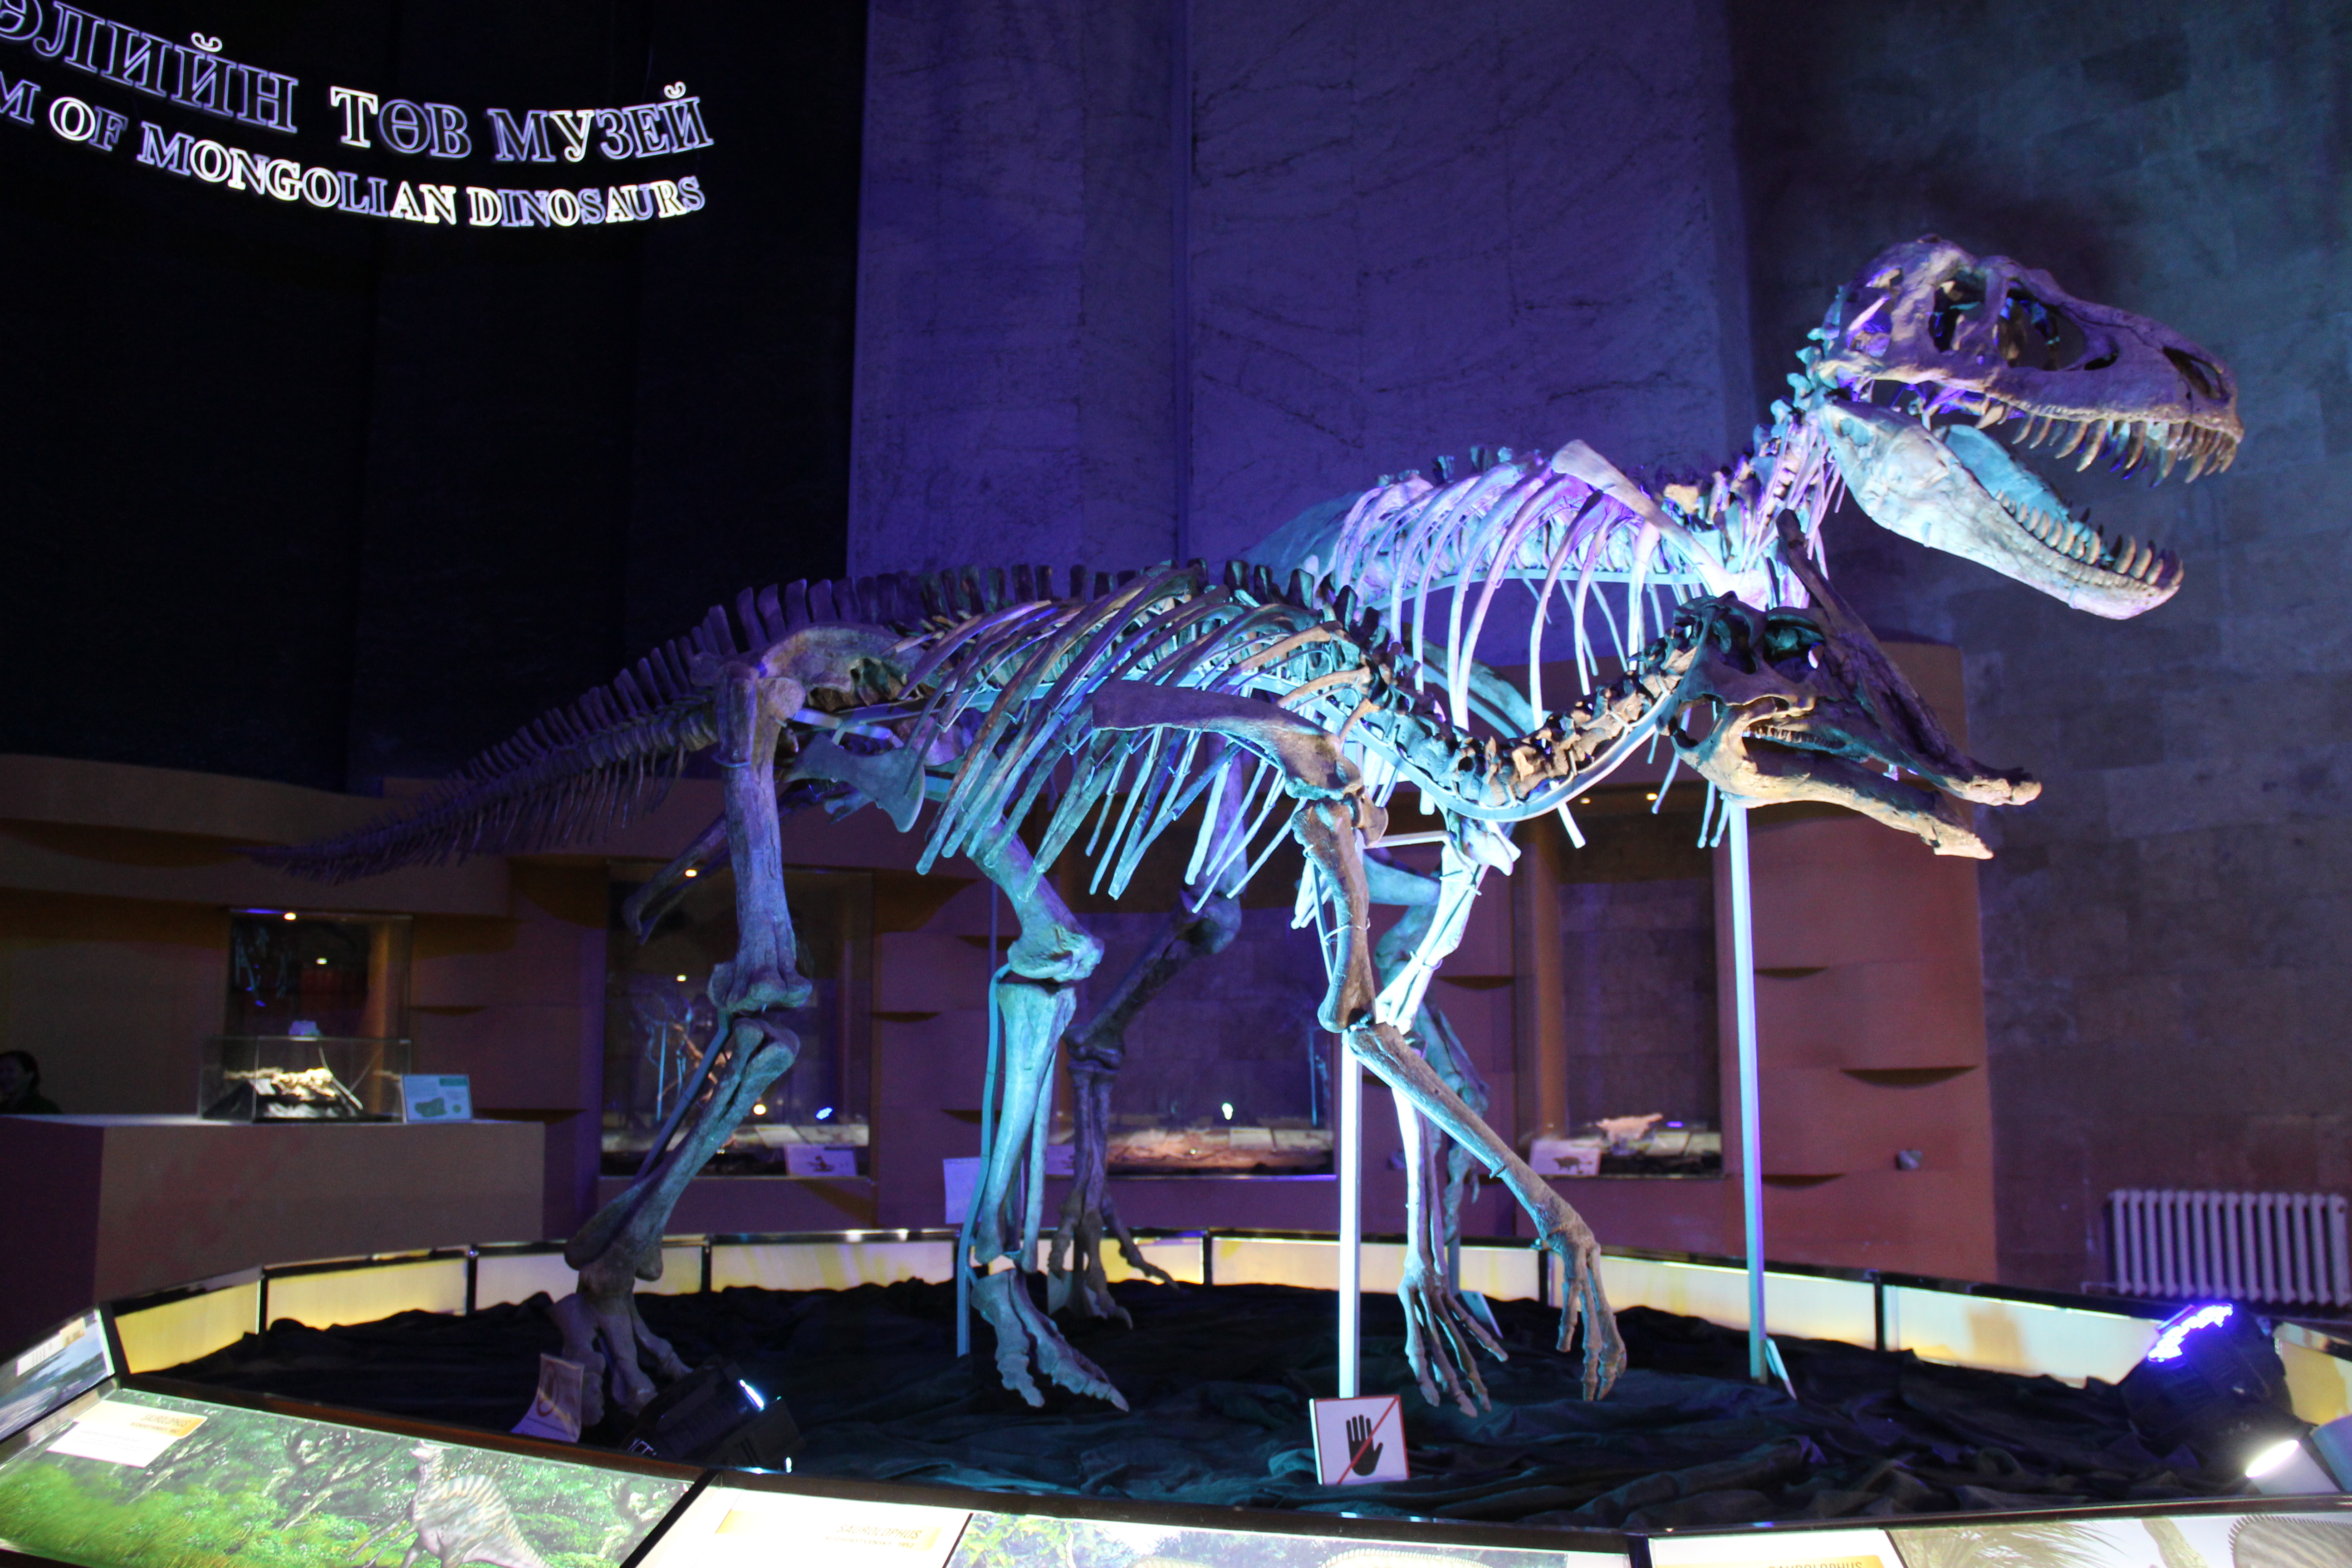 Rekonstruované kostry pozdně křídových mongolských dinosaurů druhu Tarbosaurus bataar a Saurolophus angustirostris. Tyto fosilie byly nejdříve nelegálně dovezeny do Spojených států amerických, později však byly repatriovány a vráceny Mongolsku. Dnes